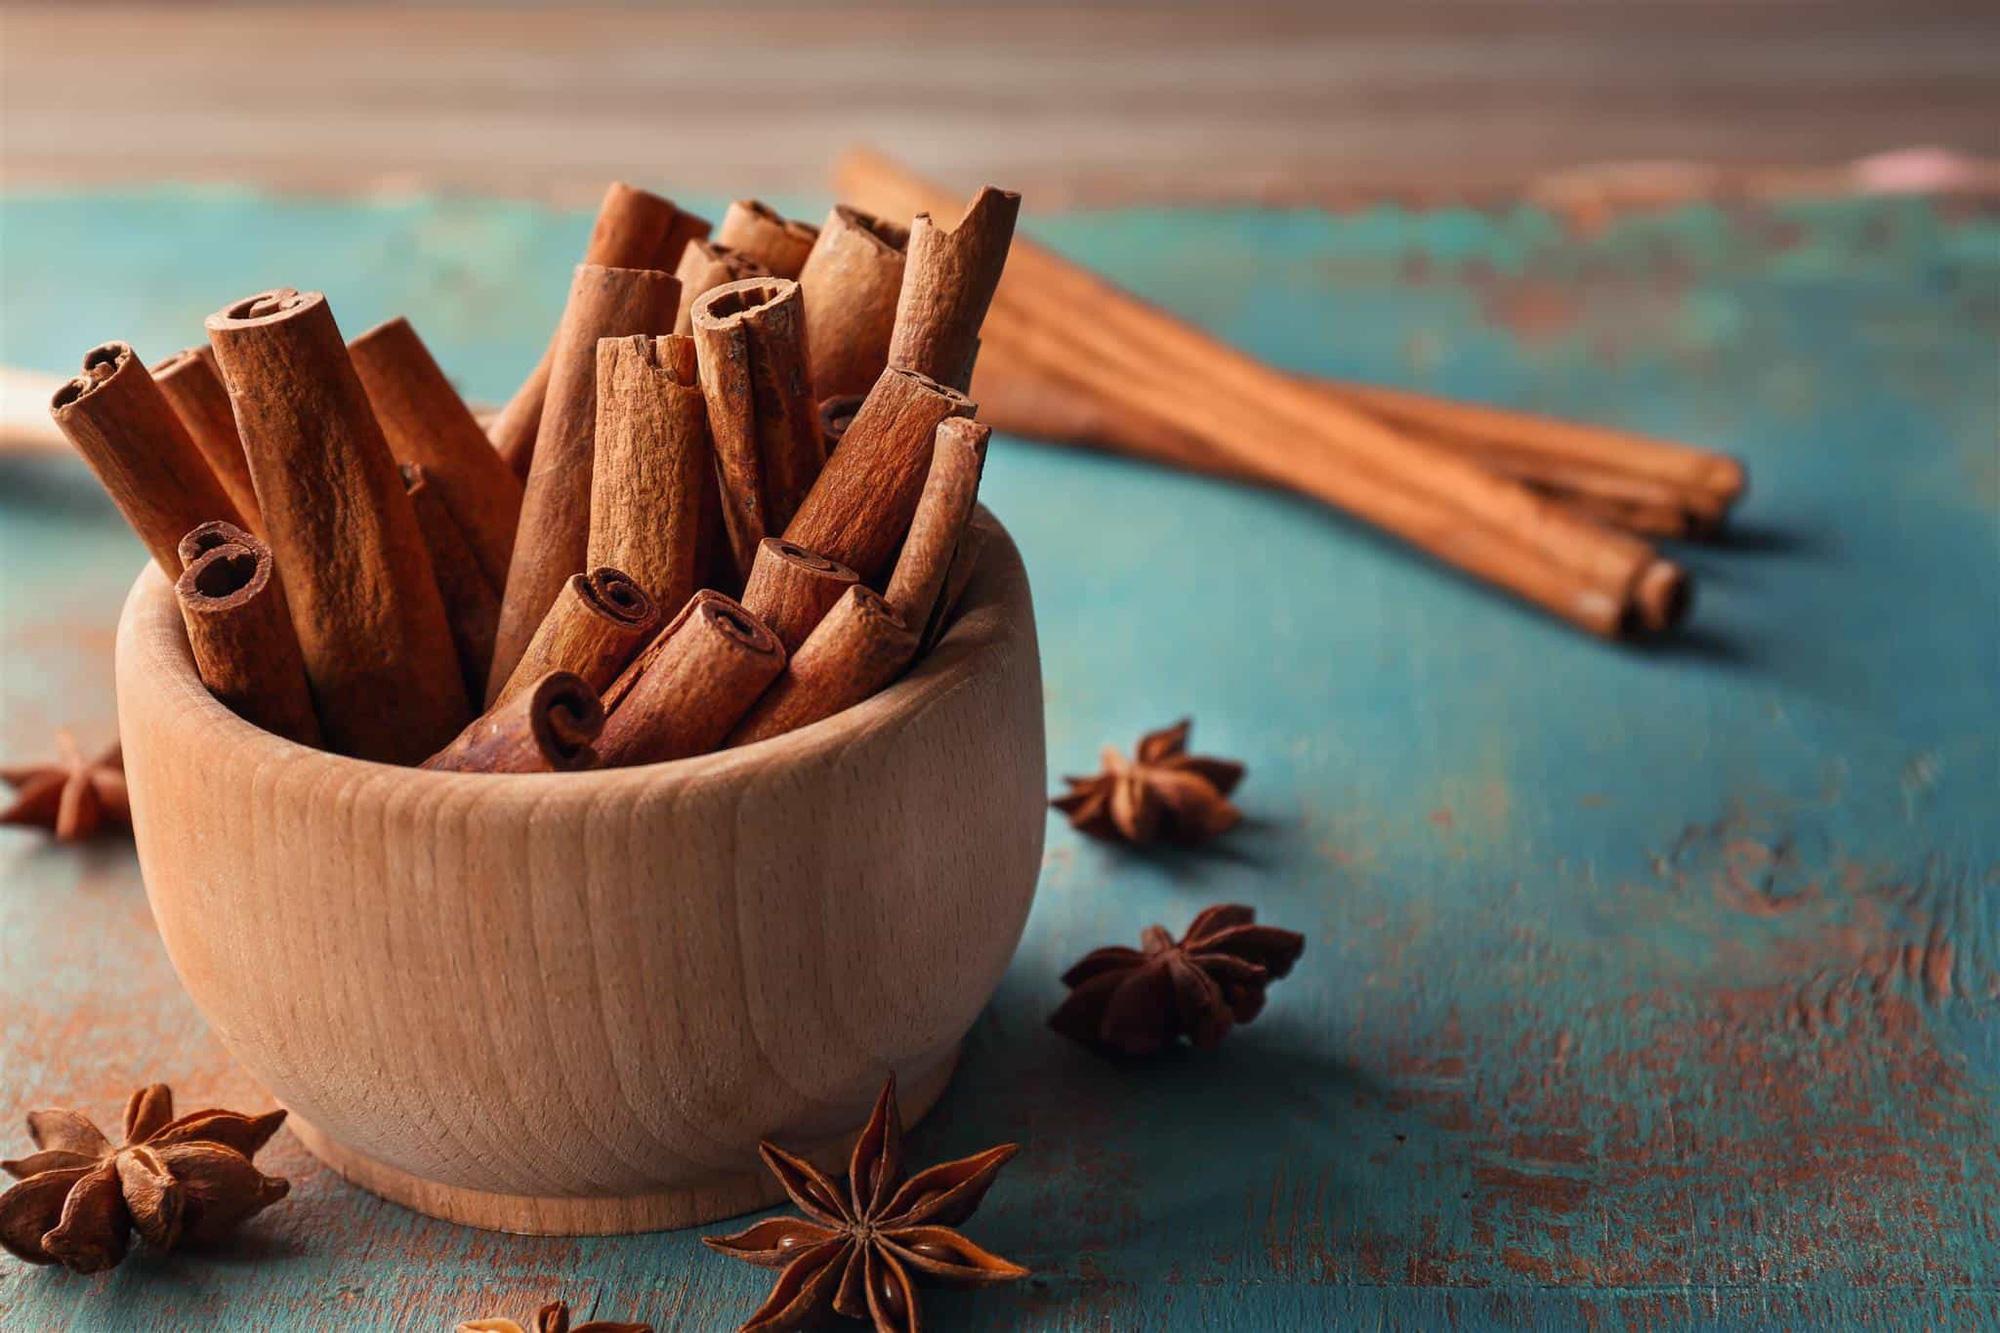 Tốt ngang nhụy hoa nghệ tây, ở Việt Nam cũng có loại gia vị được mệnh danh là TỨ BẢO của Đông y, trị bệnh hay dưỡng nhan đều xuất sắc - Ảnh 7.